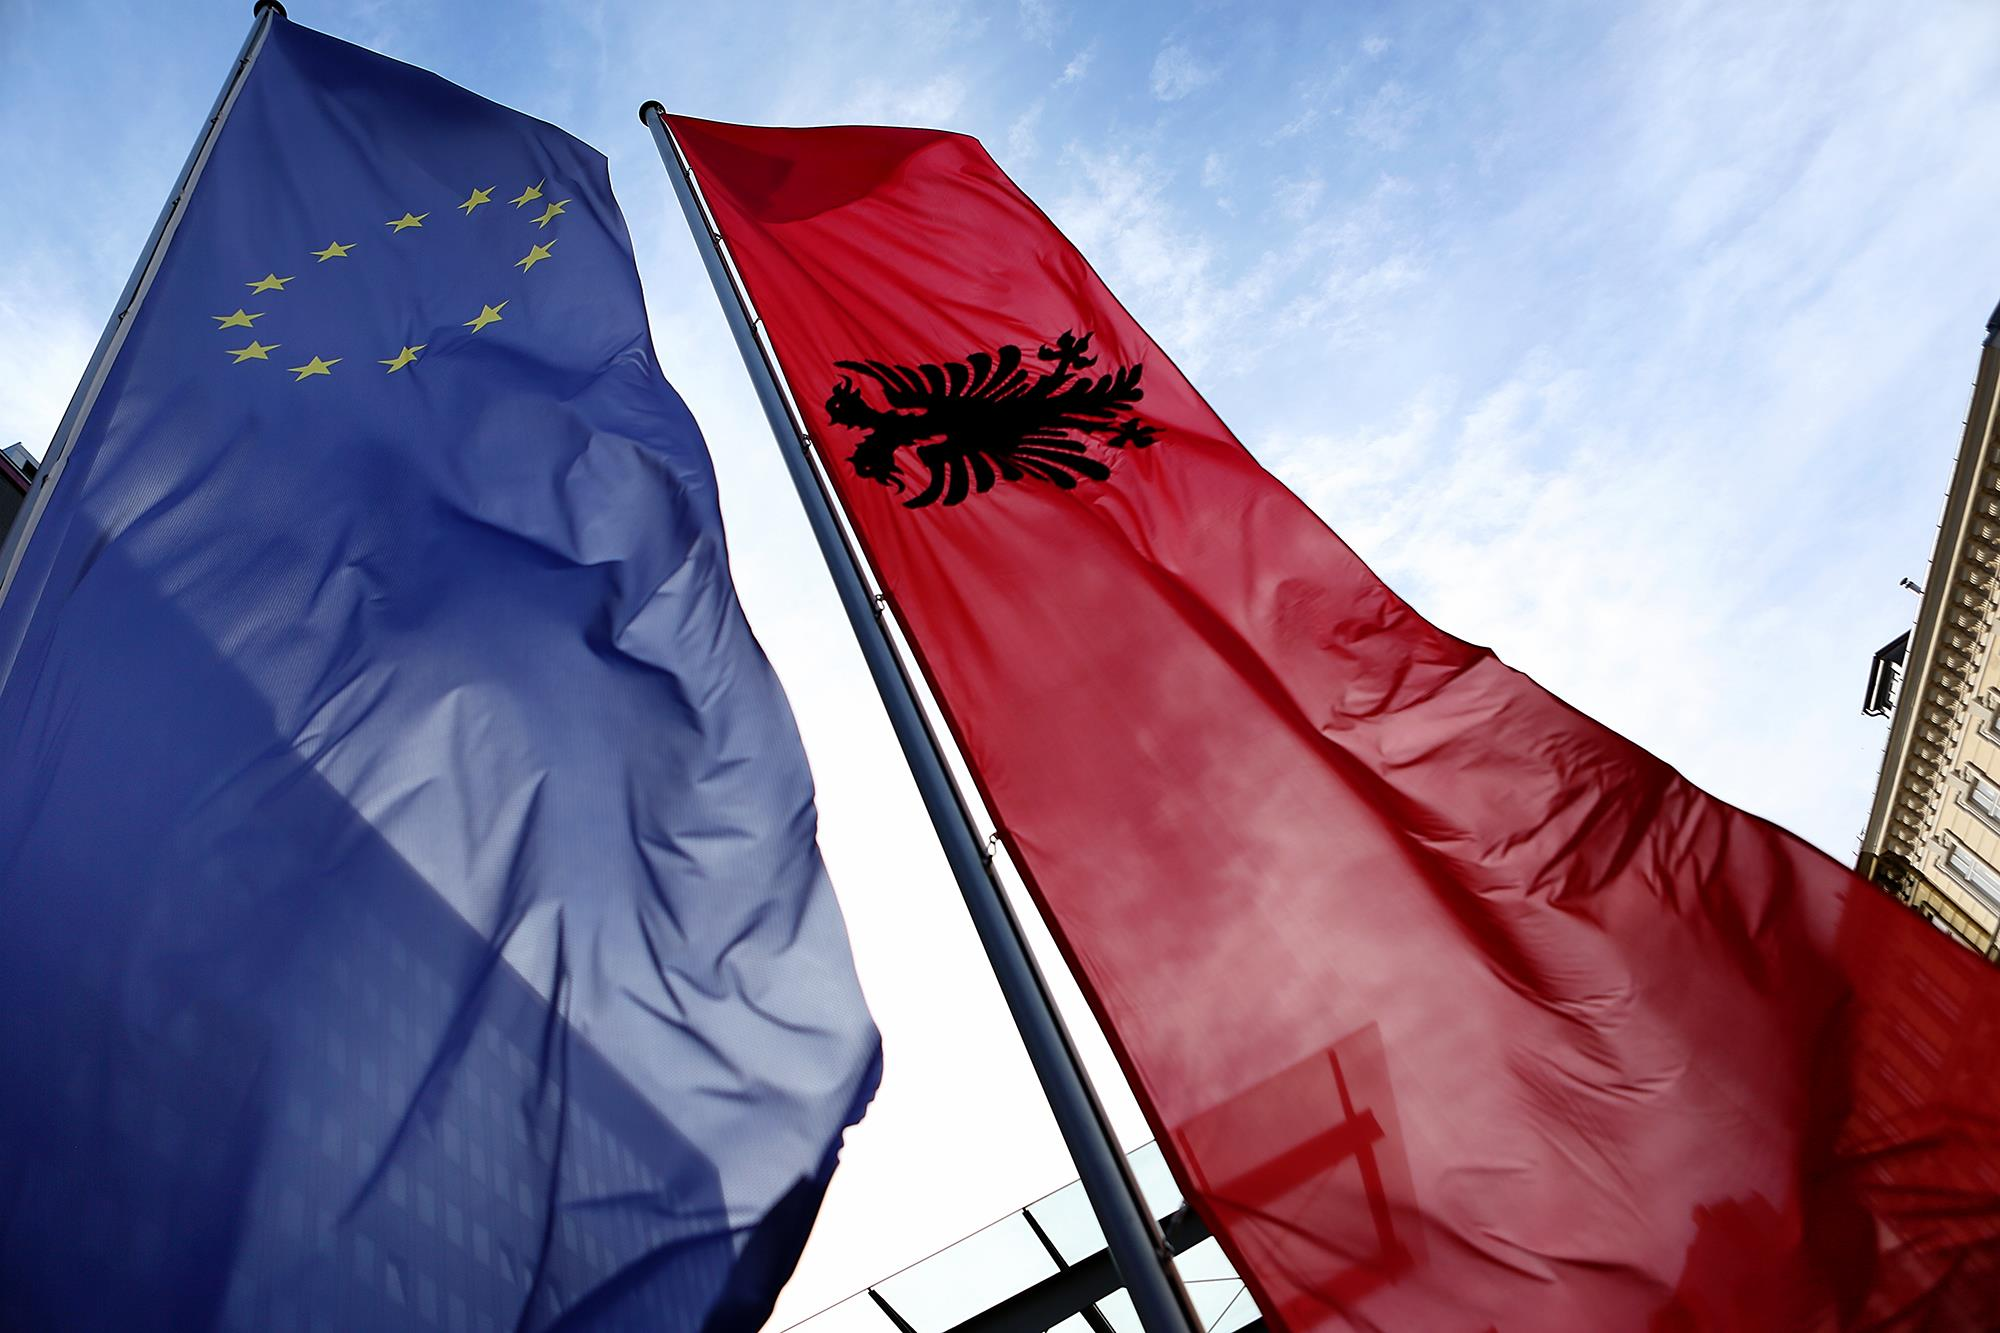 Албания – кандидат на вступление в Евросоюз